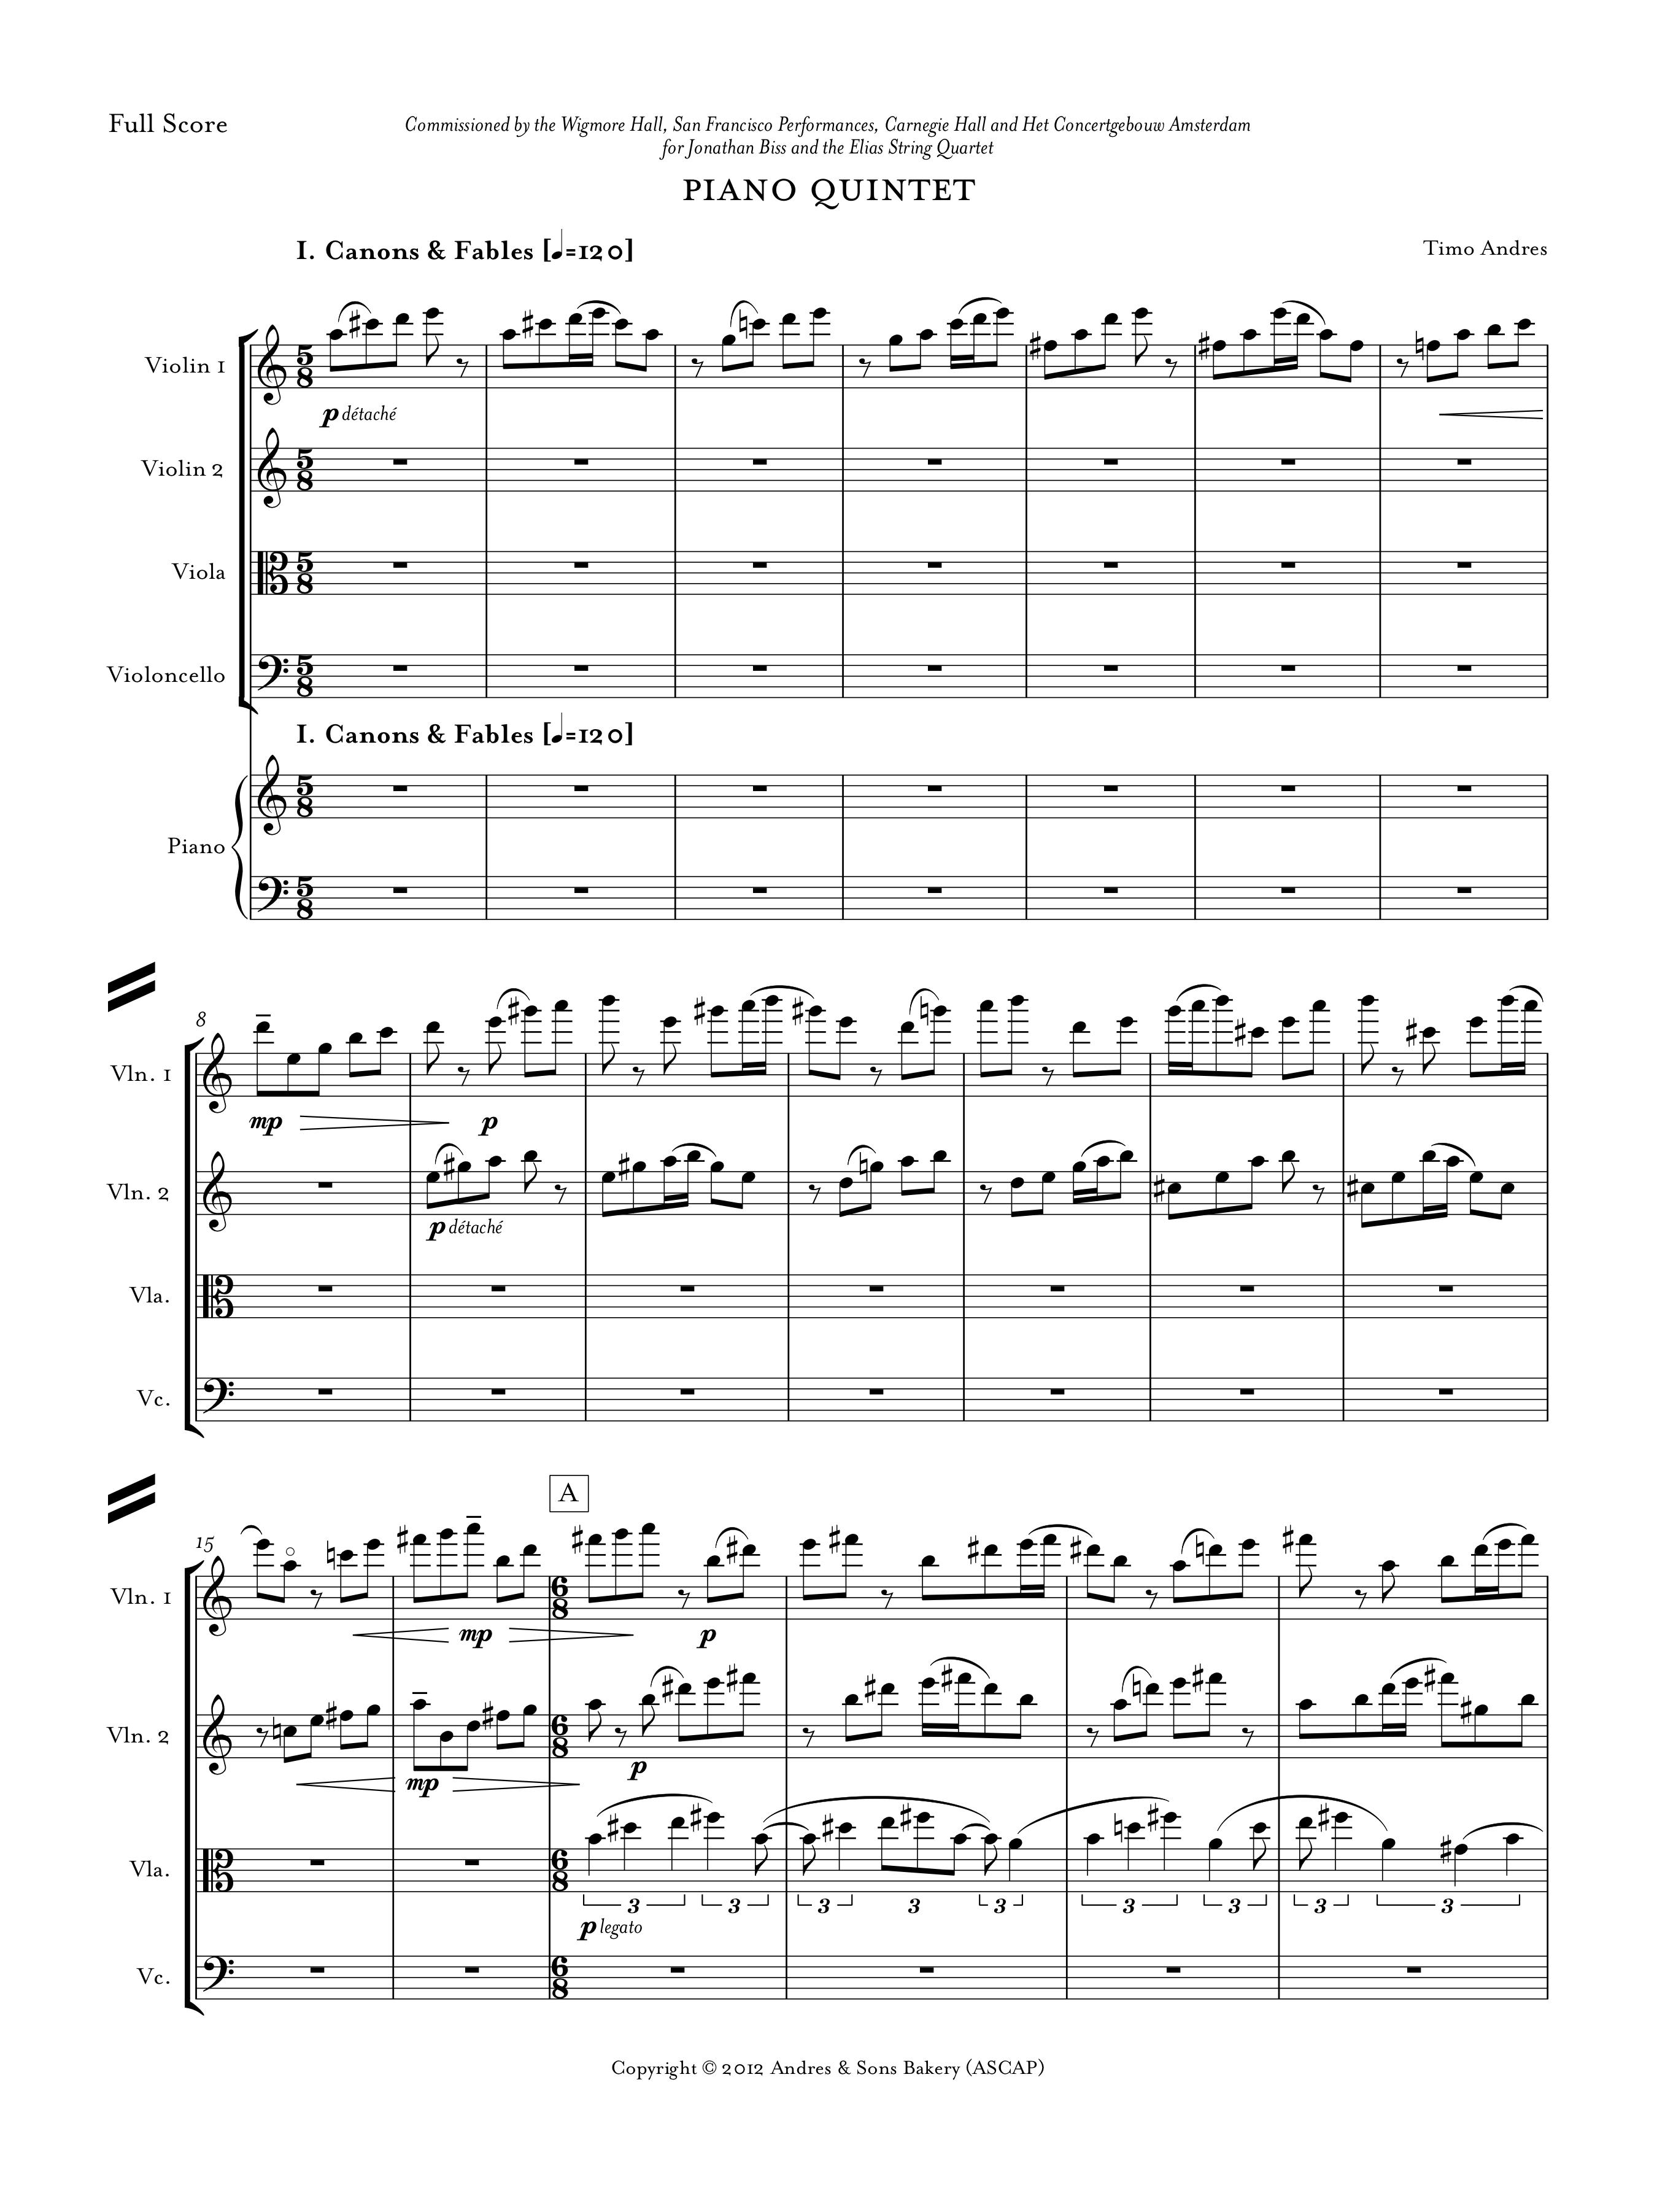 Piano Quintet, p. 1